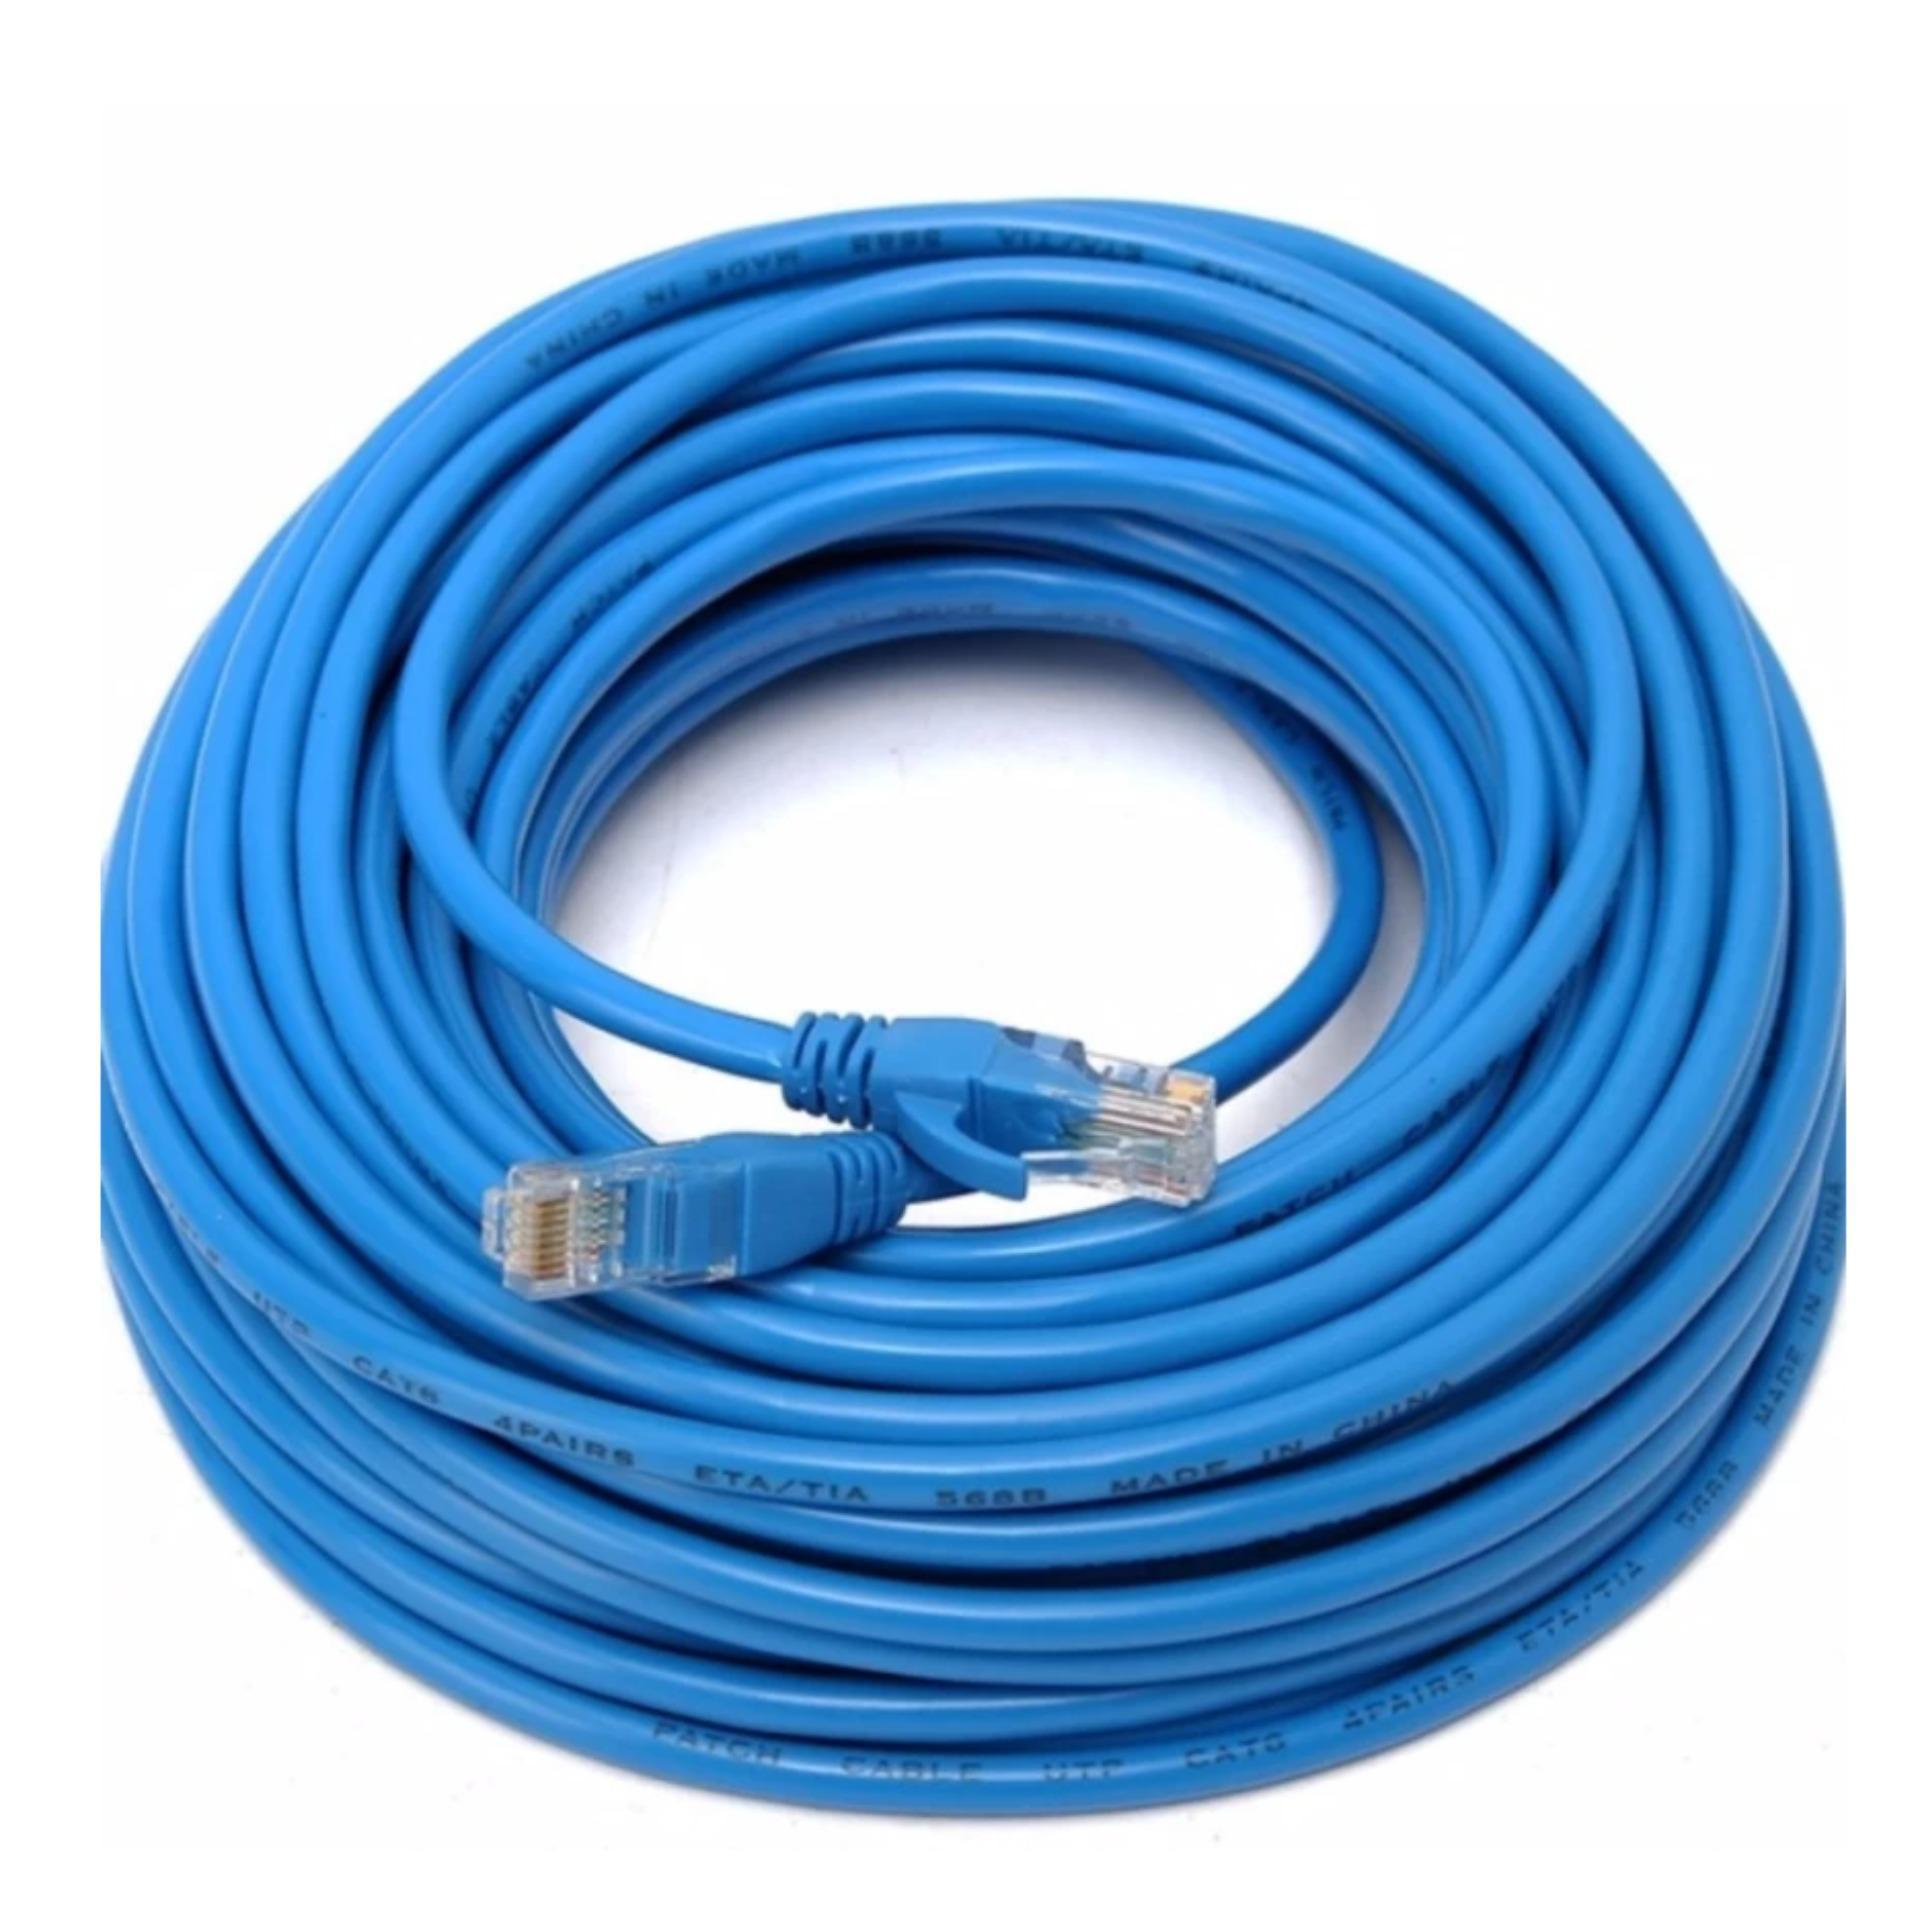 Dây cáp mạng CAT5E UTP bấm sẵn 2 đầu 35 Mét (Trắng, xanh – Mới 100%)